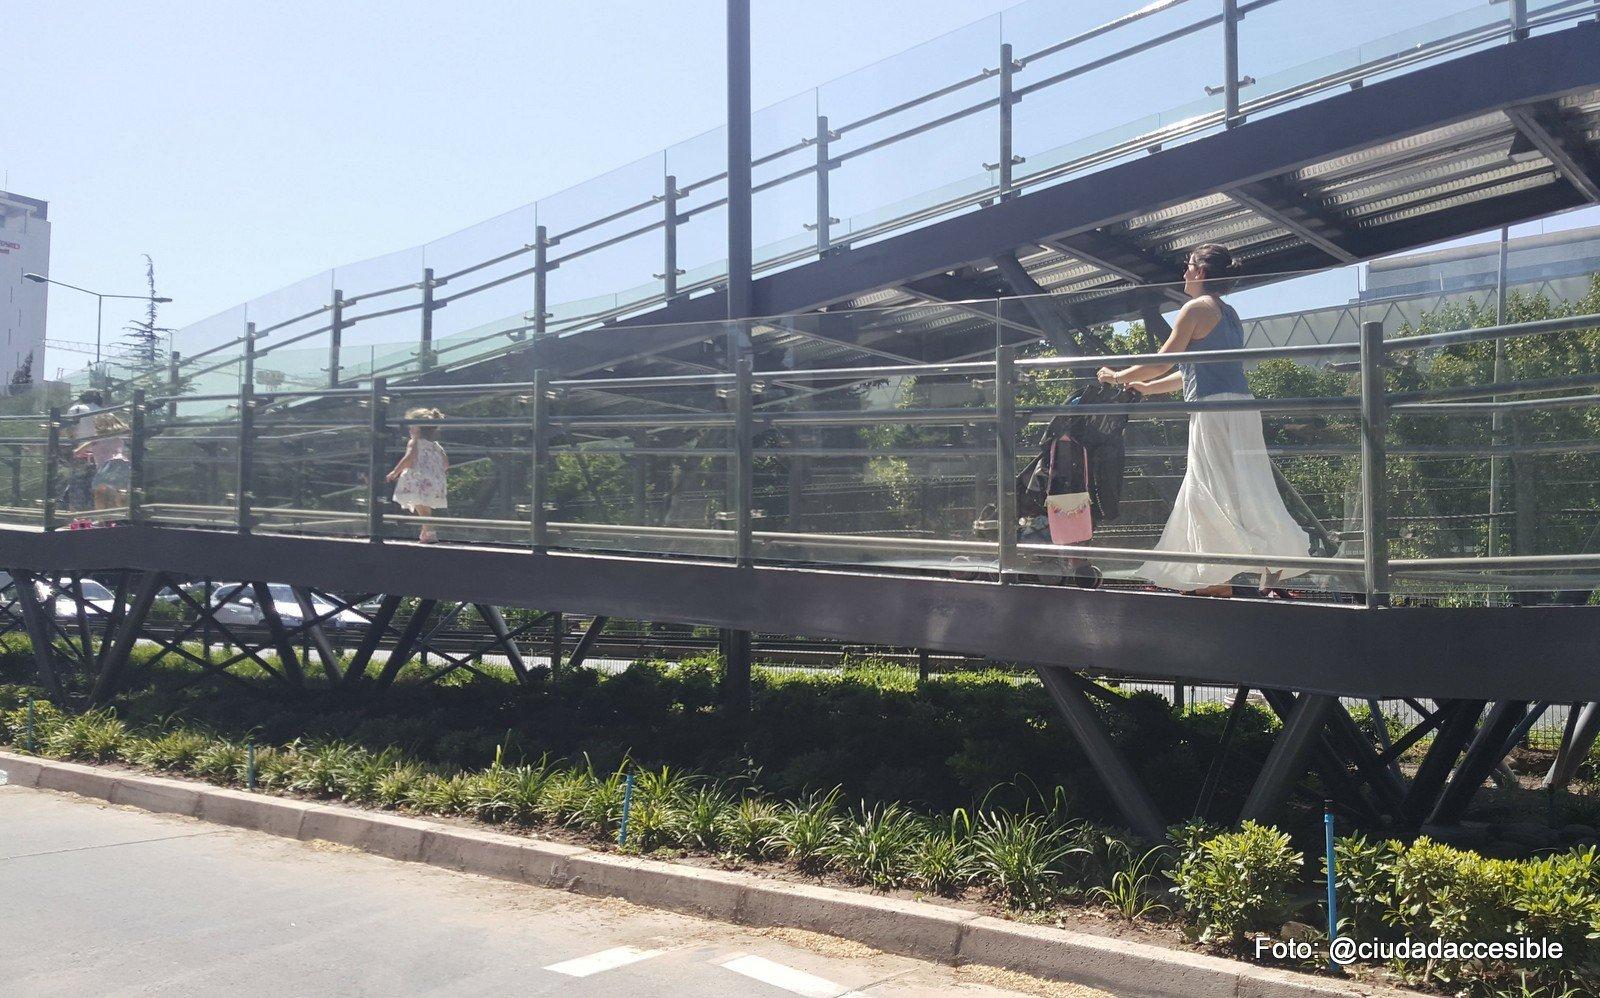 una mujer con coche y dos niños más suben por la rampa de la pasarela del parque arauco